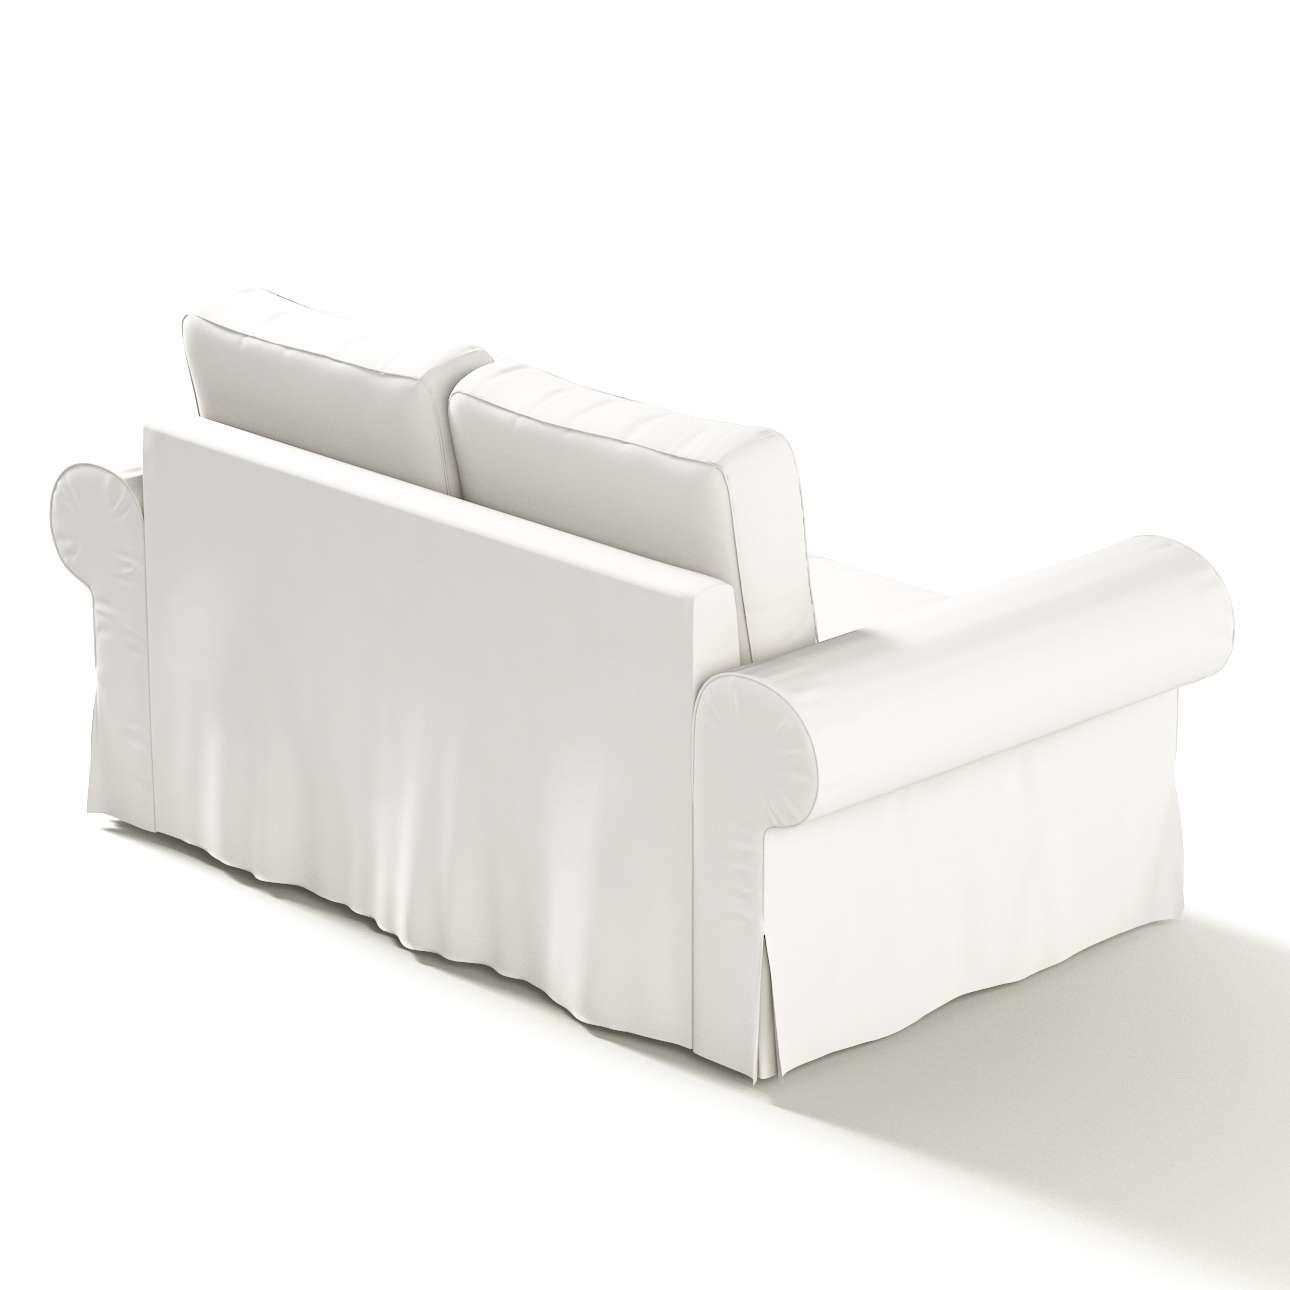 Bezug für Backabro 2-Sitzer Sofa ausklappbar von der Kollektion Cotton Panama, Stoff: 702-34